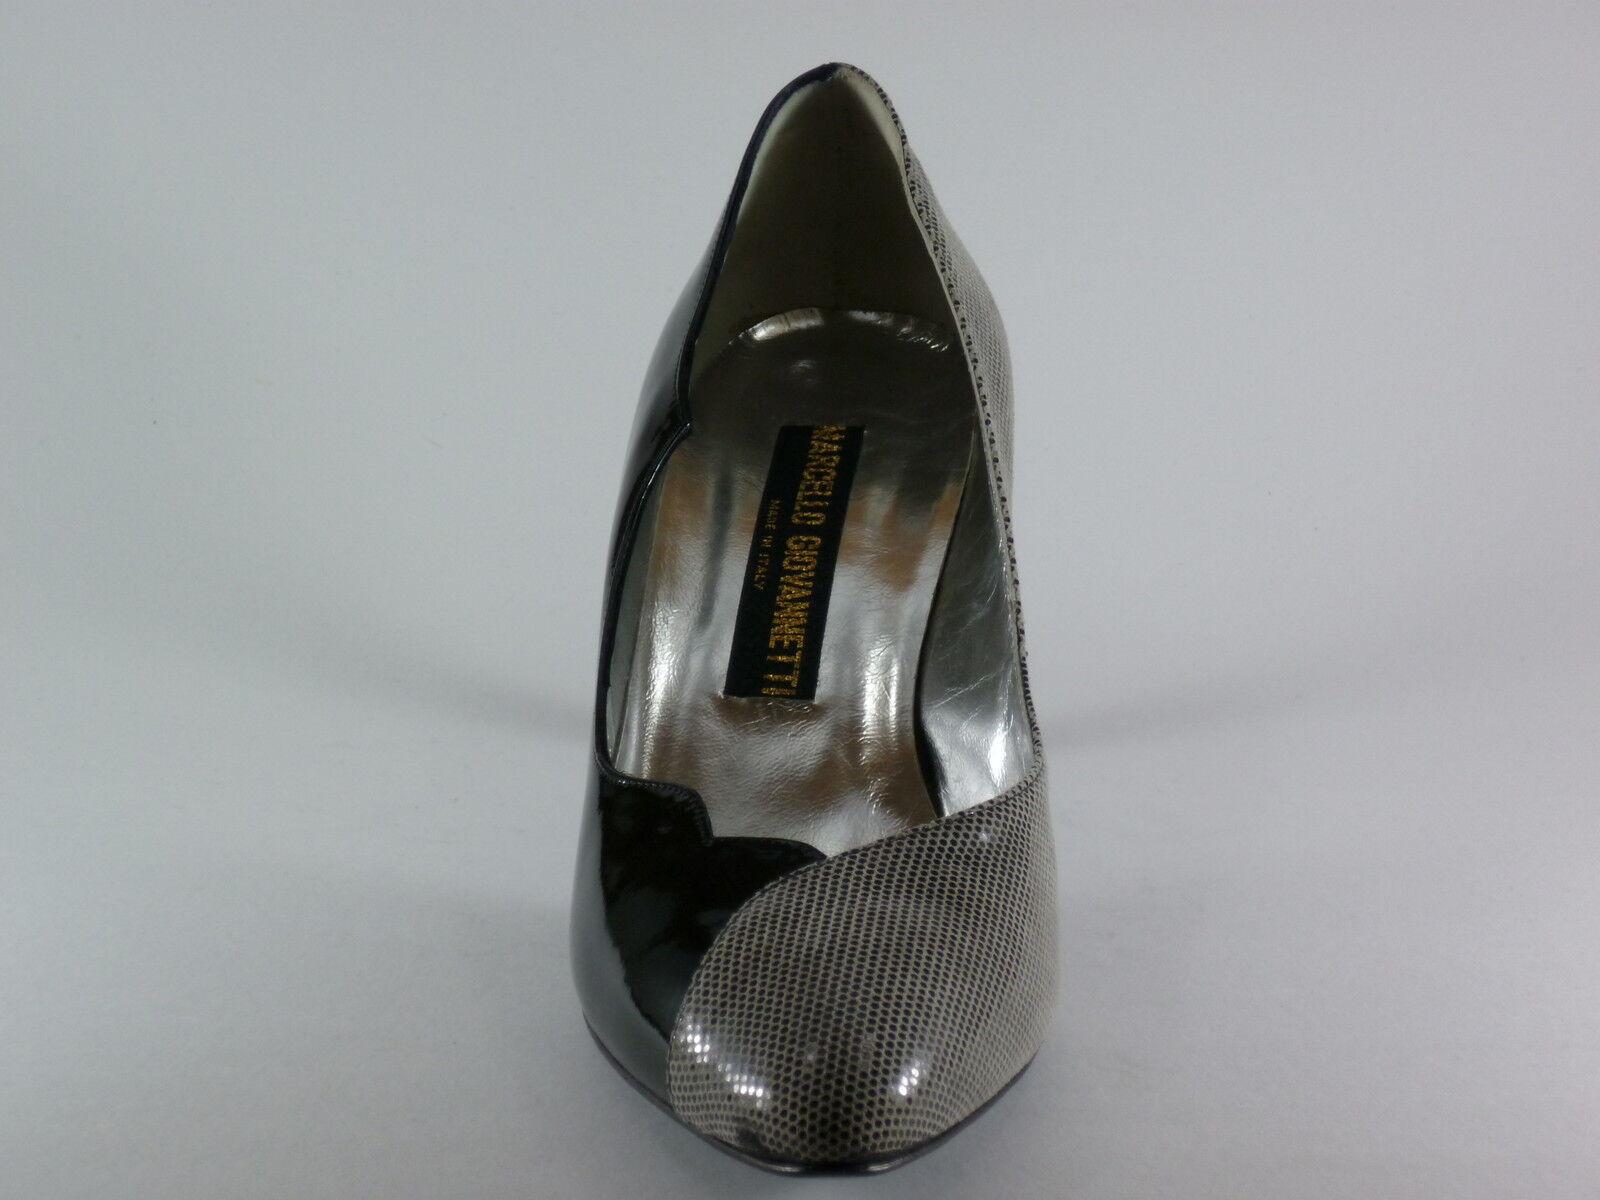 Marcello Giovannetti Mujer 41 Noche Charol Negro gris Zapatos de Noche 41 Tacón Nuevo cf59e0